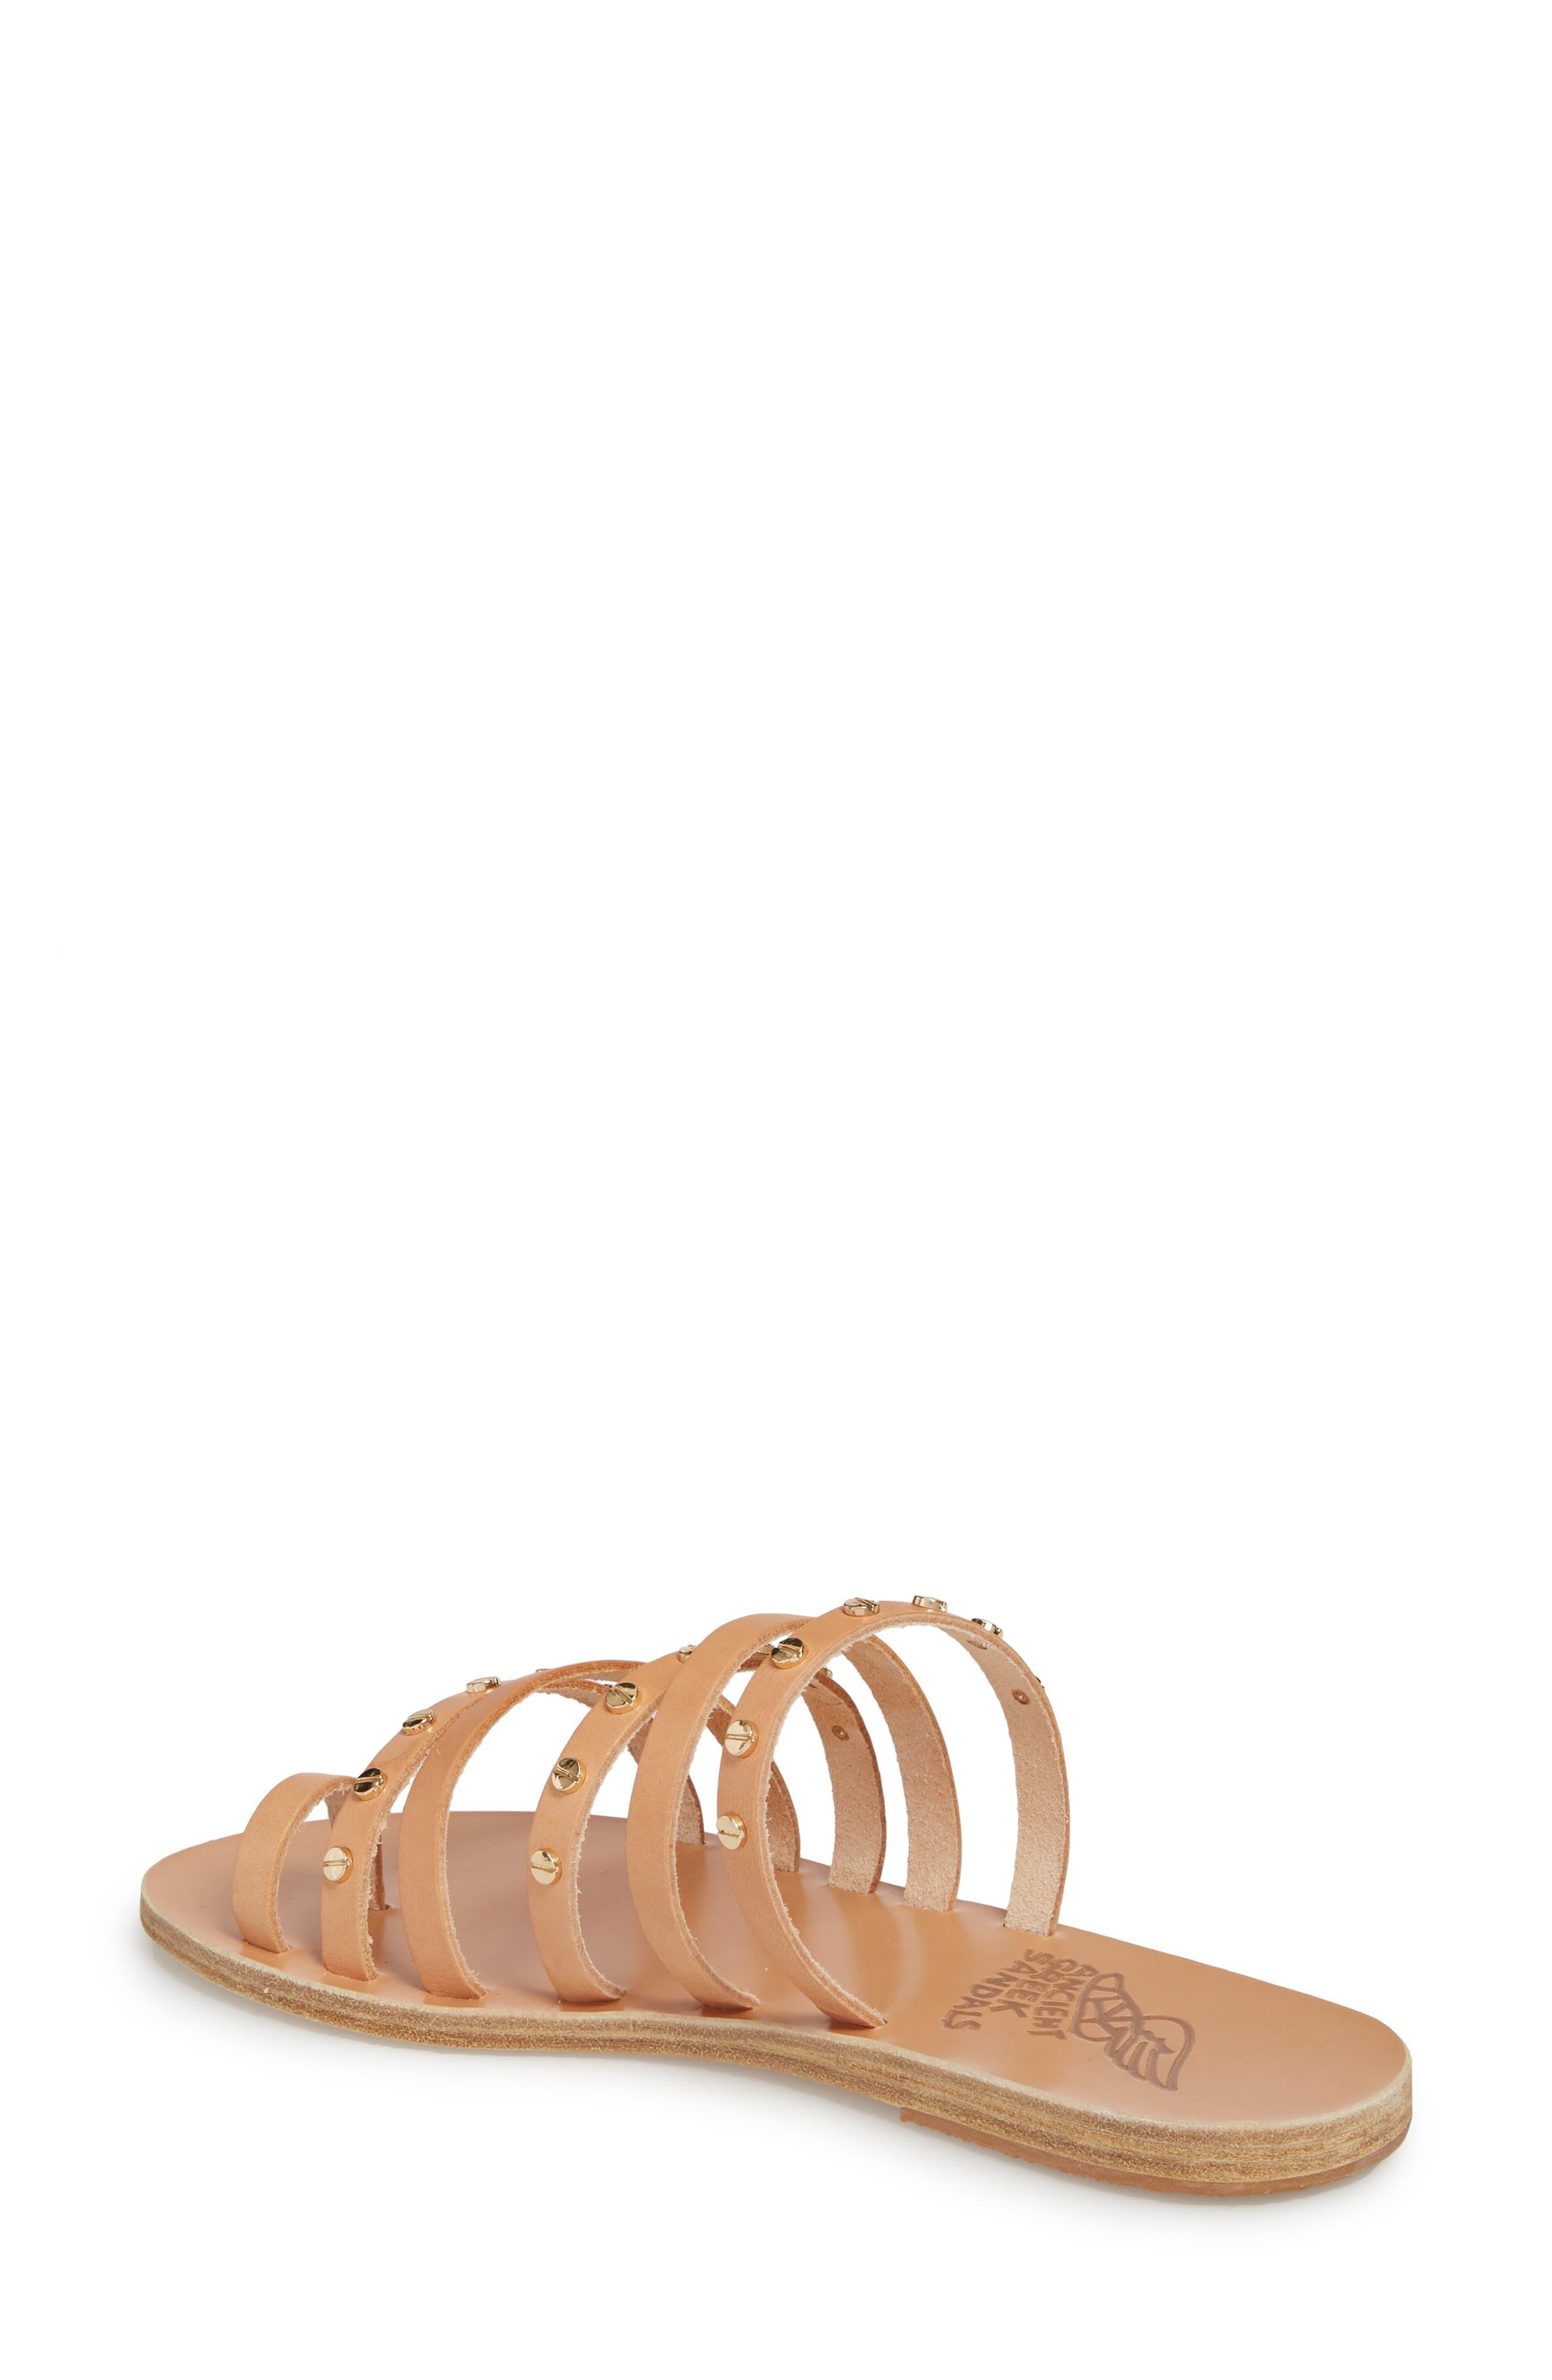 c61e1ddf7ae Women s Ancient Greek Sandals Shoes